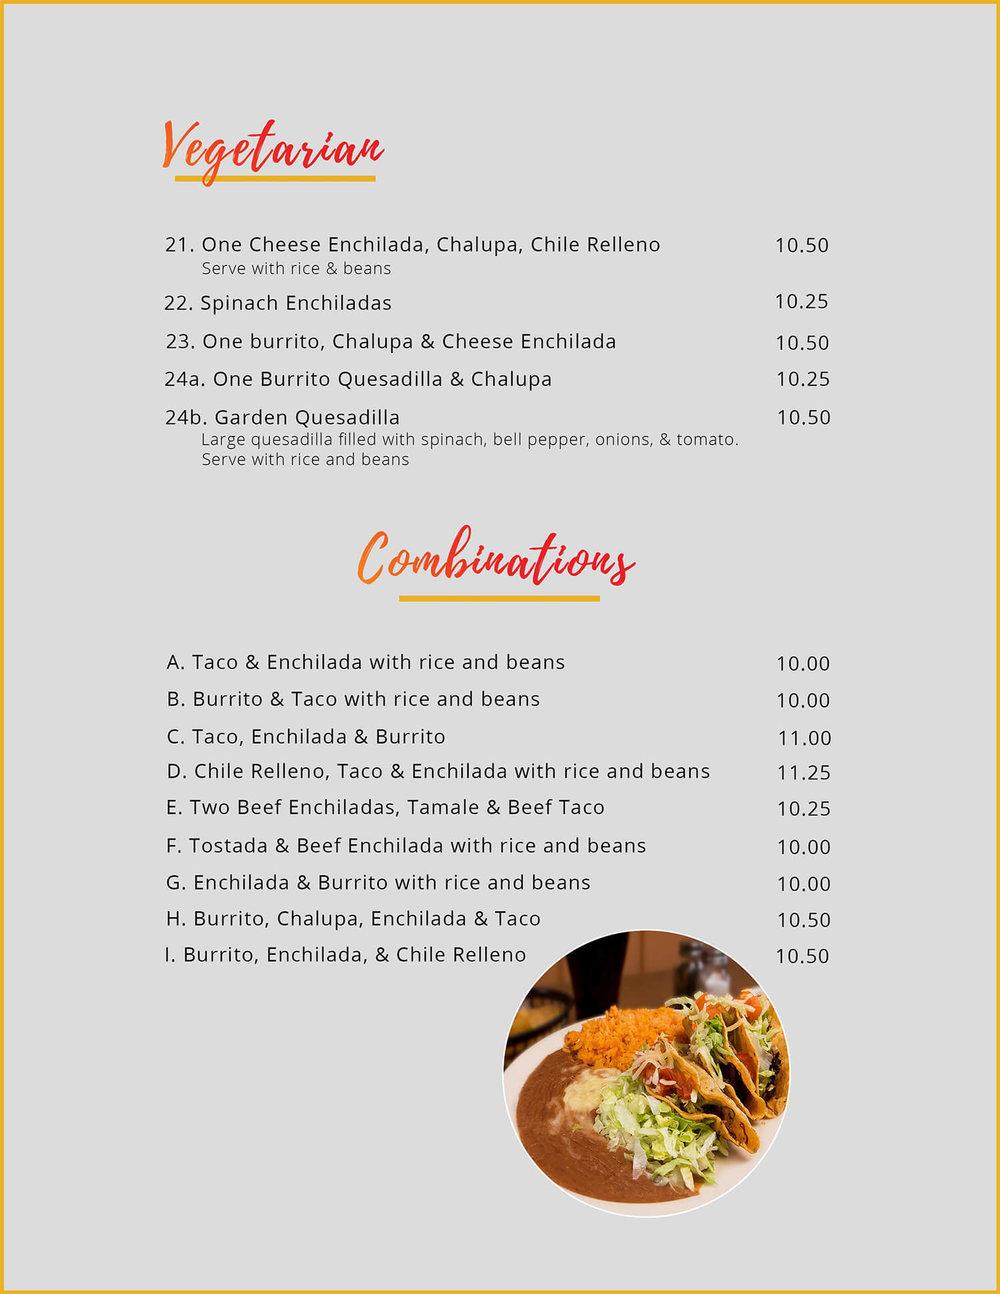 vegetarian combinations